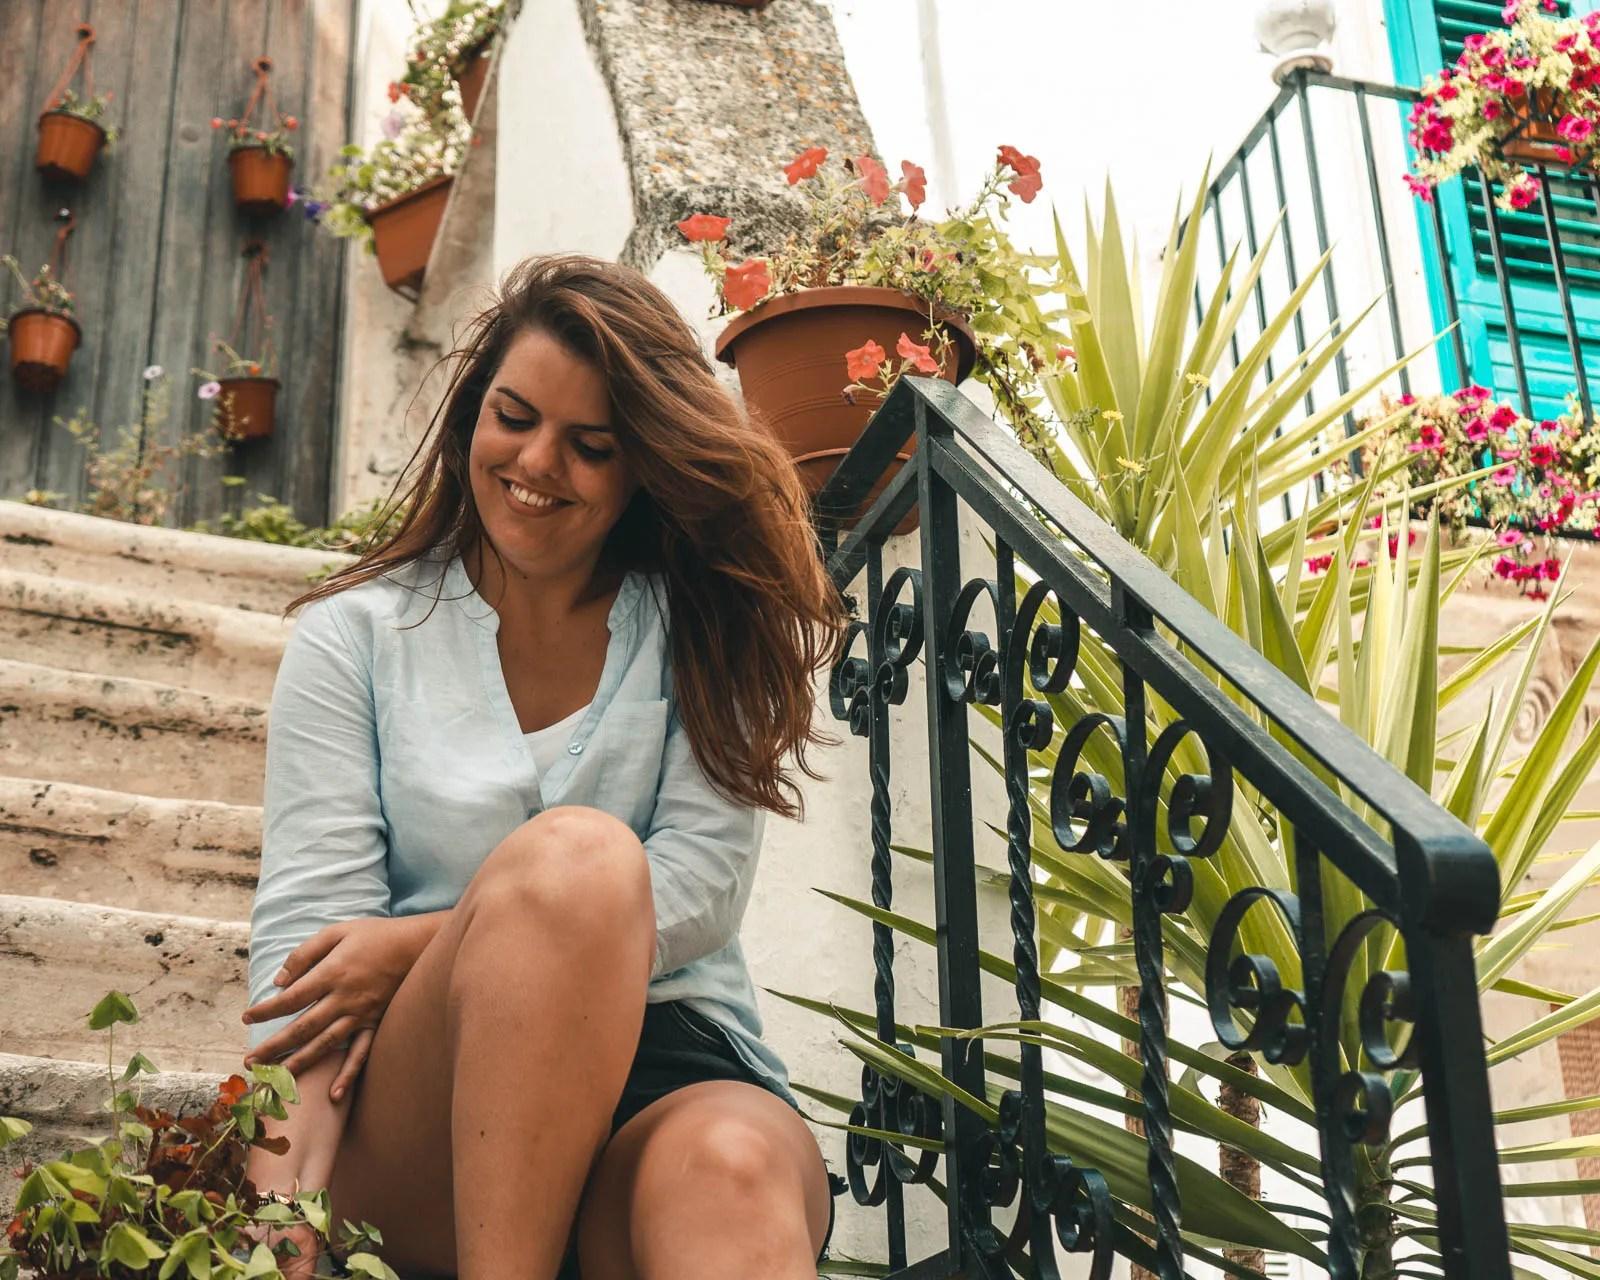 Locorotondo Centro Storico, Locorotondo Puglia, Puglia Italy, Puglia travel, Most romantic place in Italy